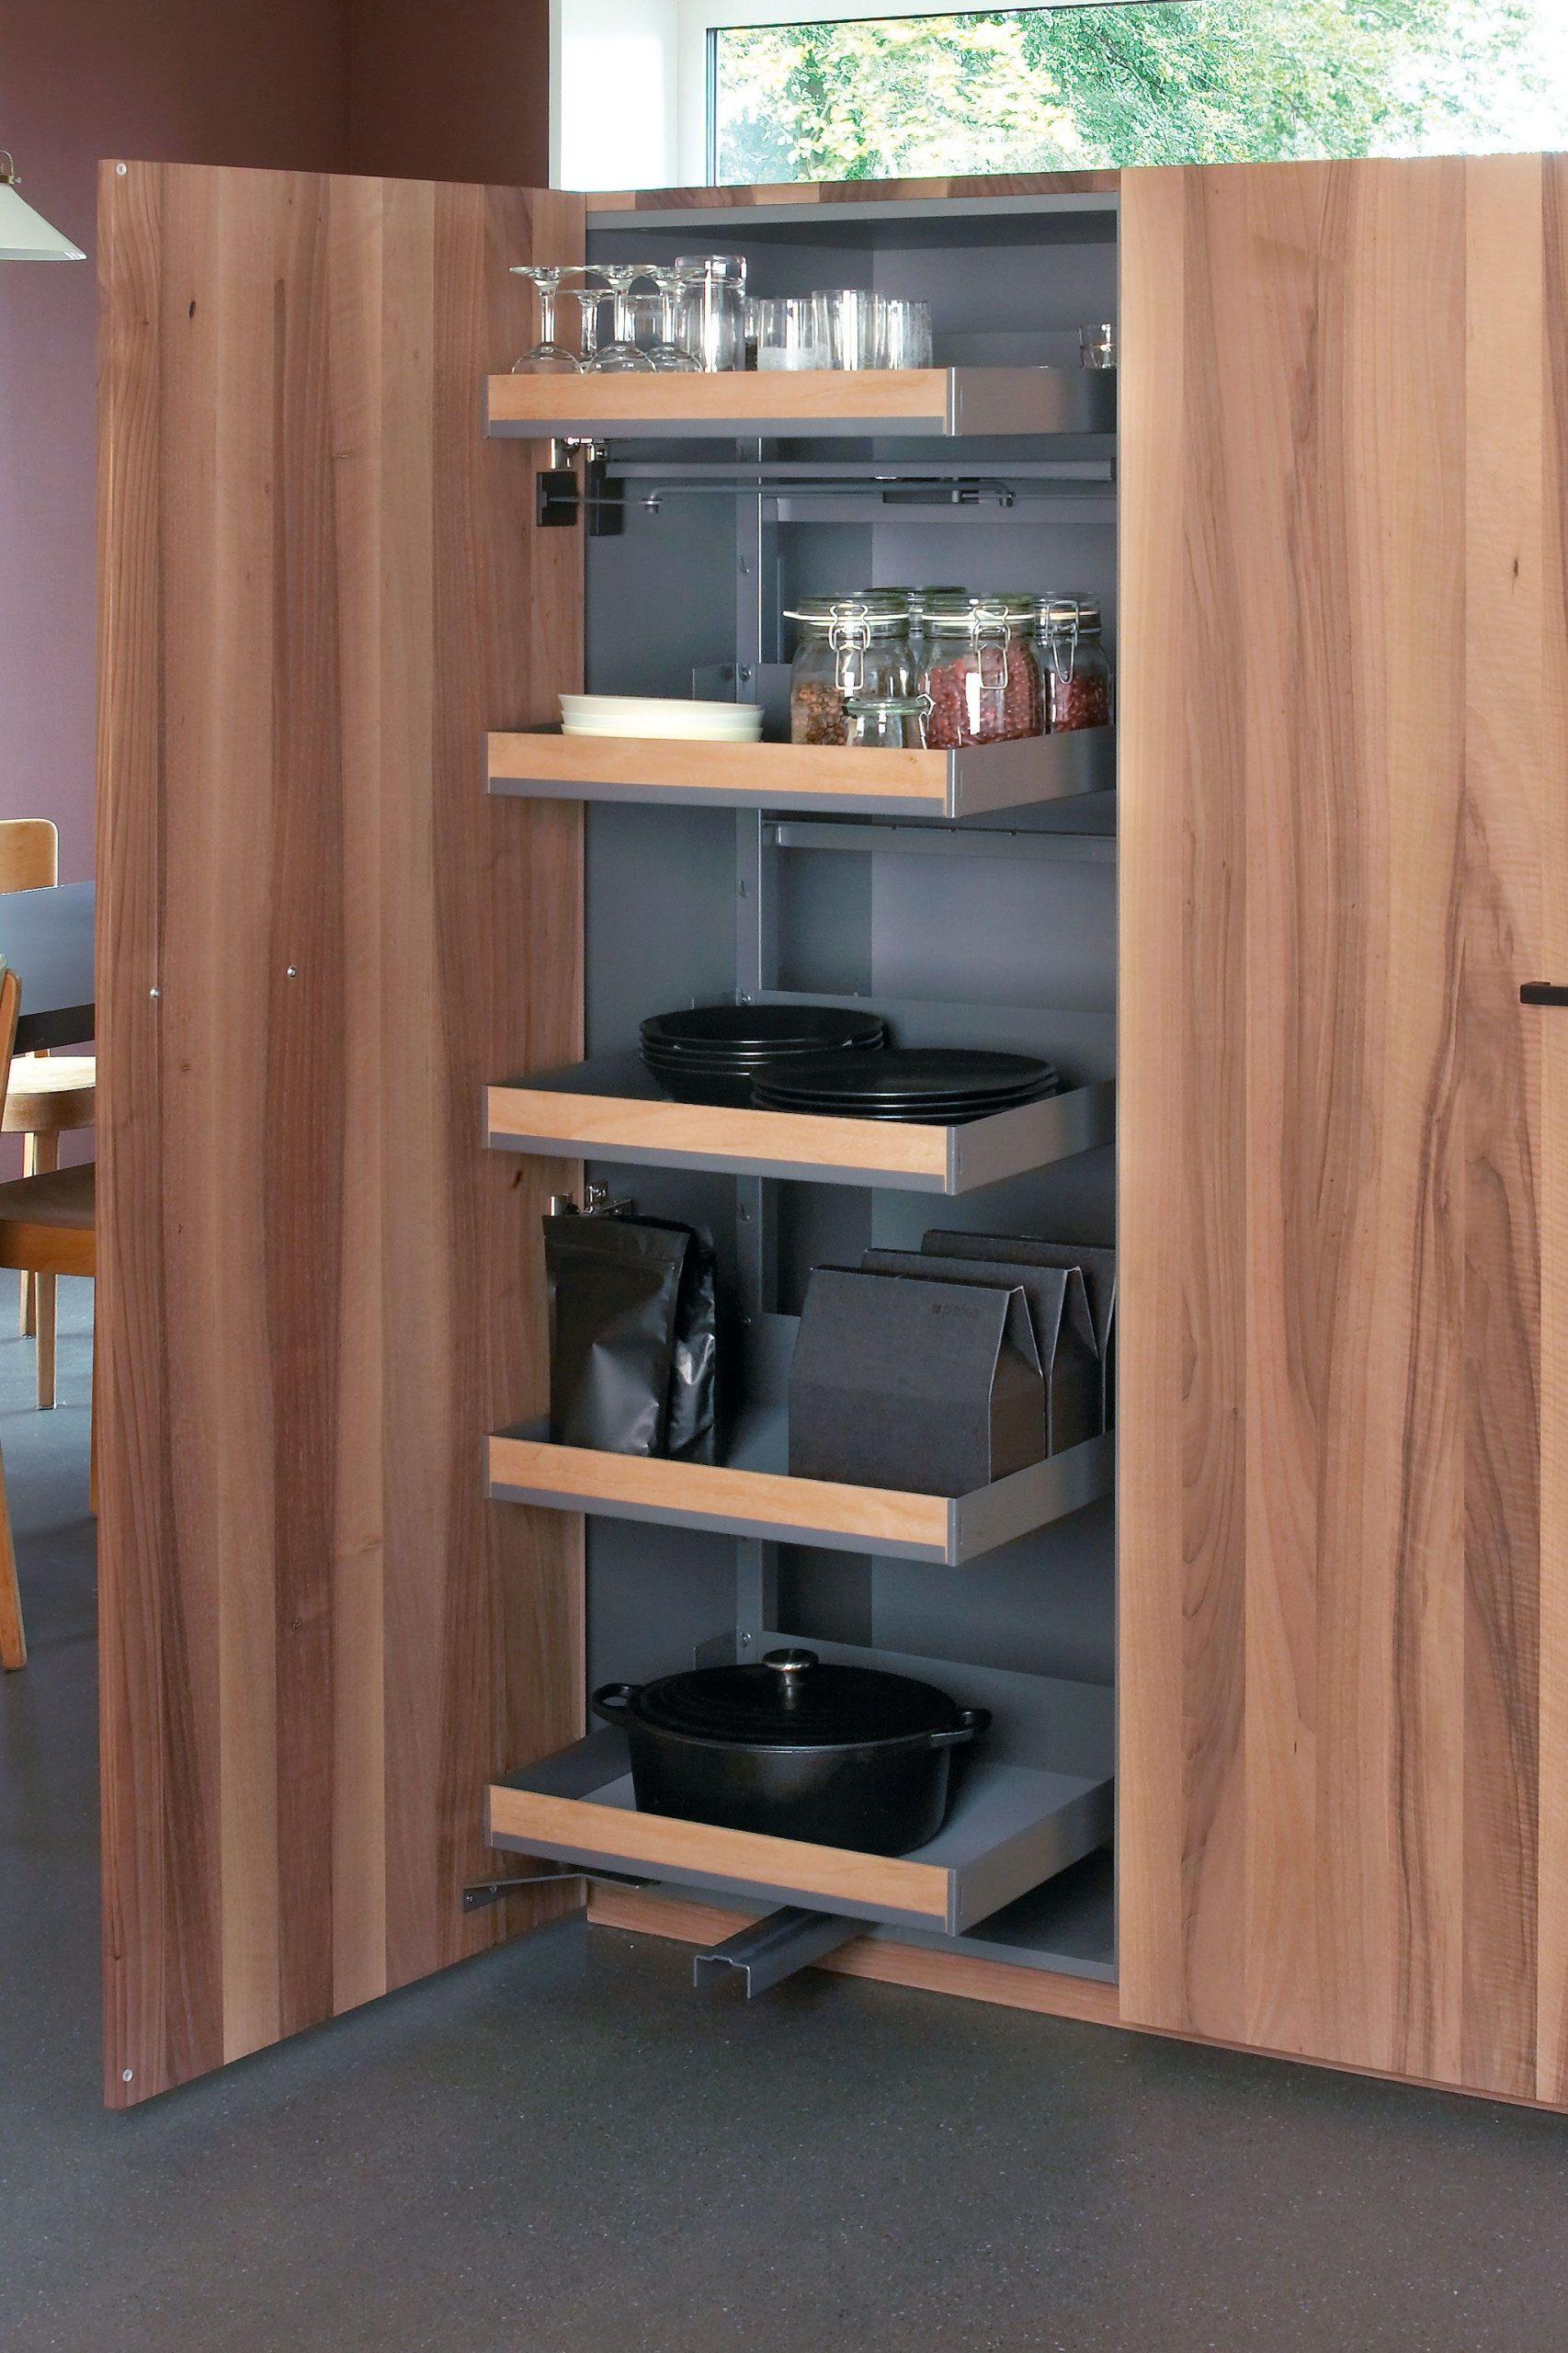 Full Size of Hochschrank Küche Kühlschrank Hochschrank Küche Ausziehbar Hochschrank Küche Backofen Hochschrank Küche Mikrowelle Küche Hochschrank Küche